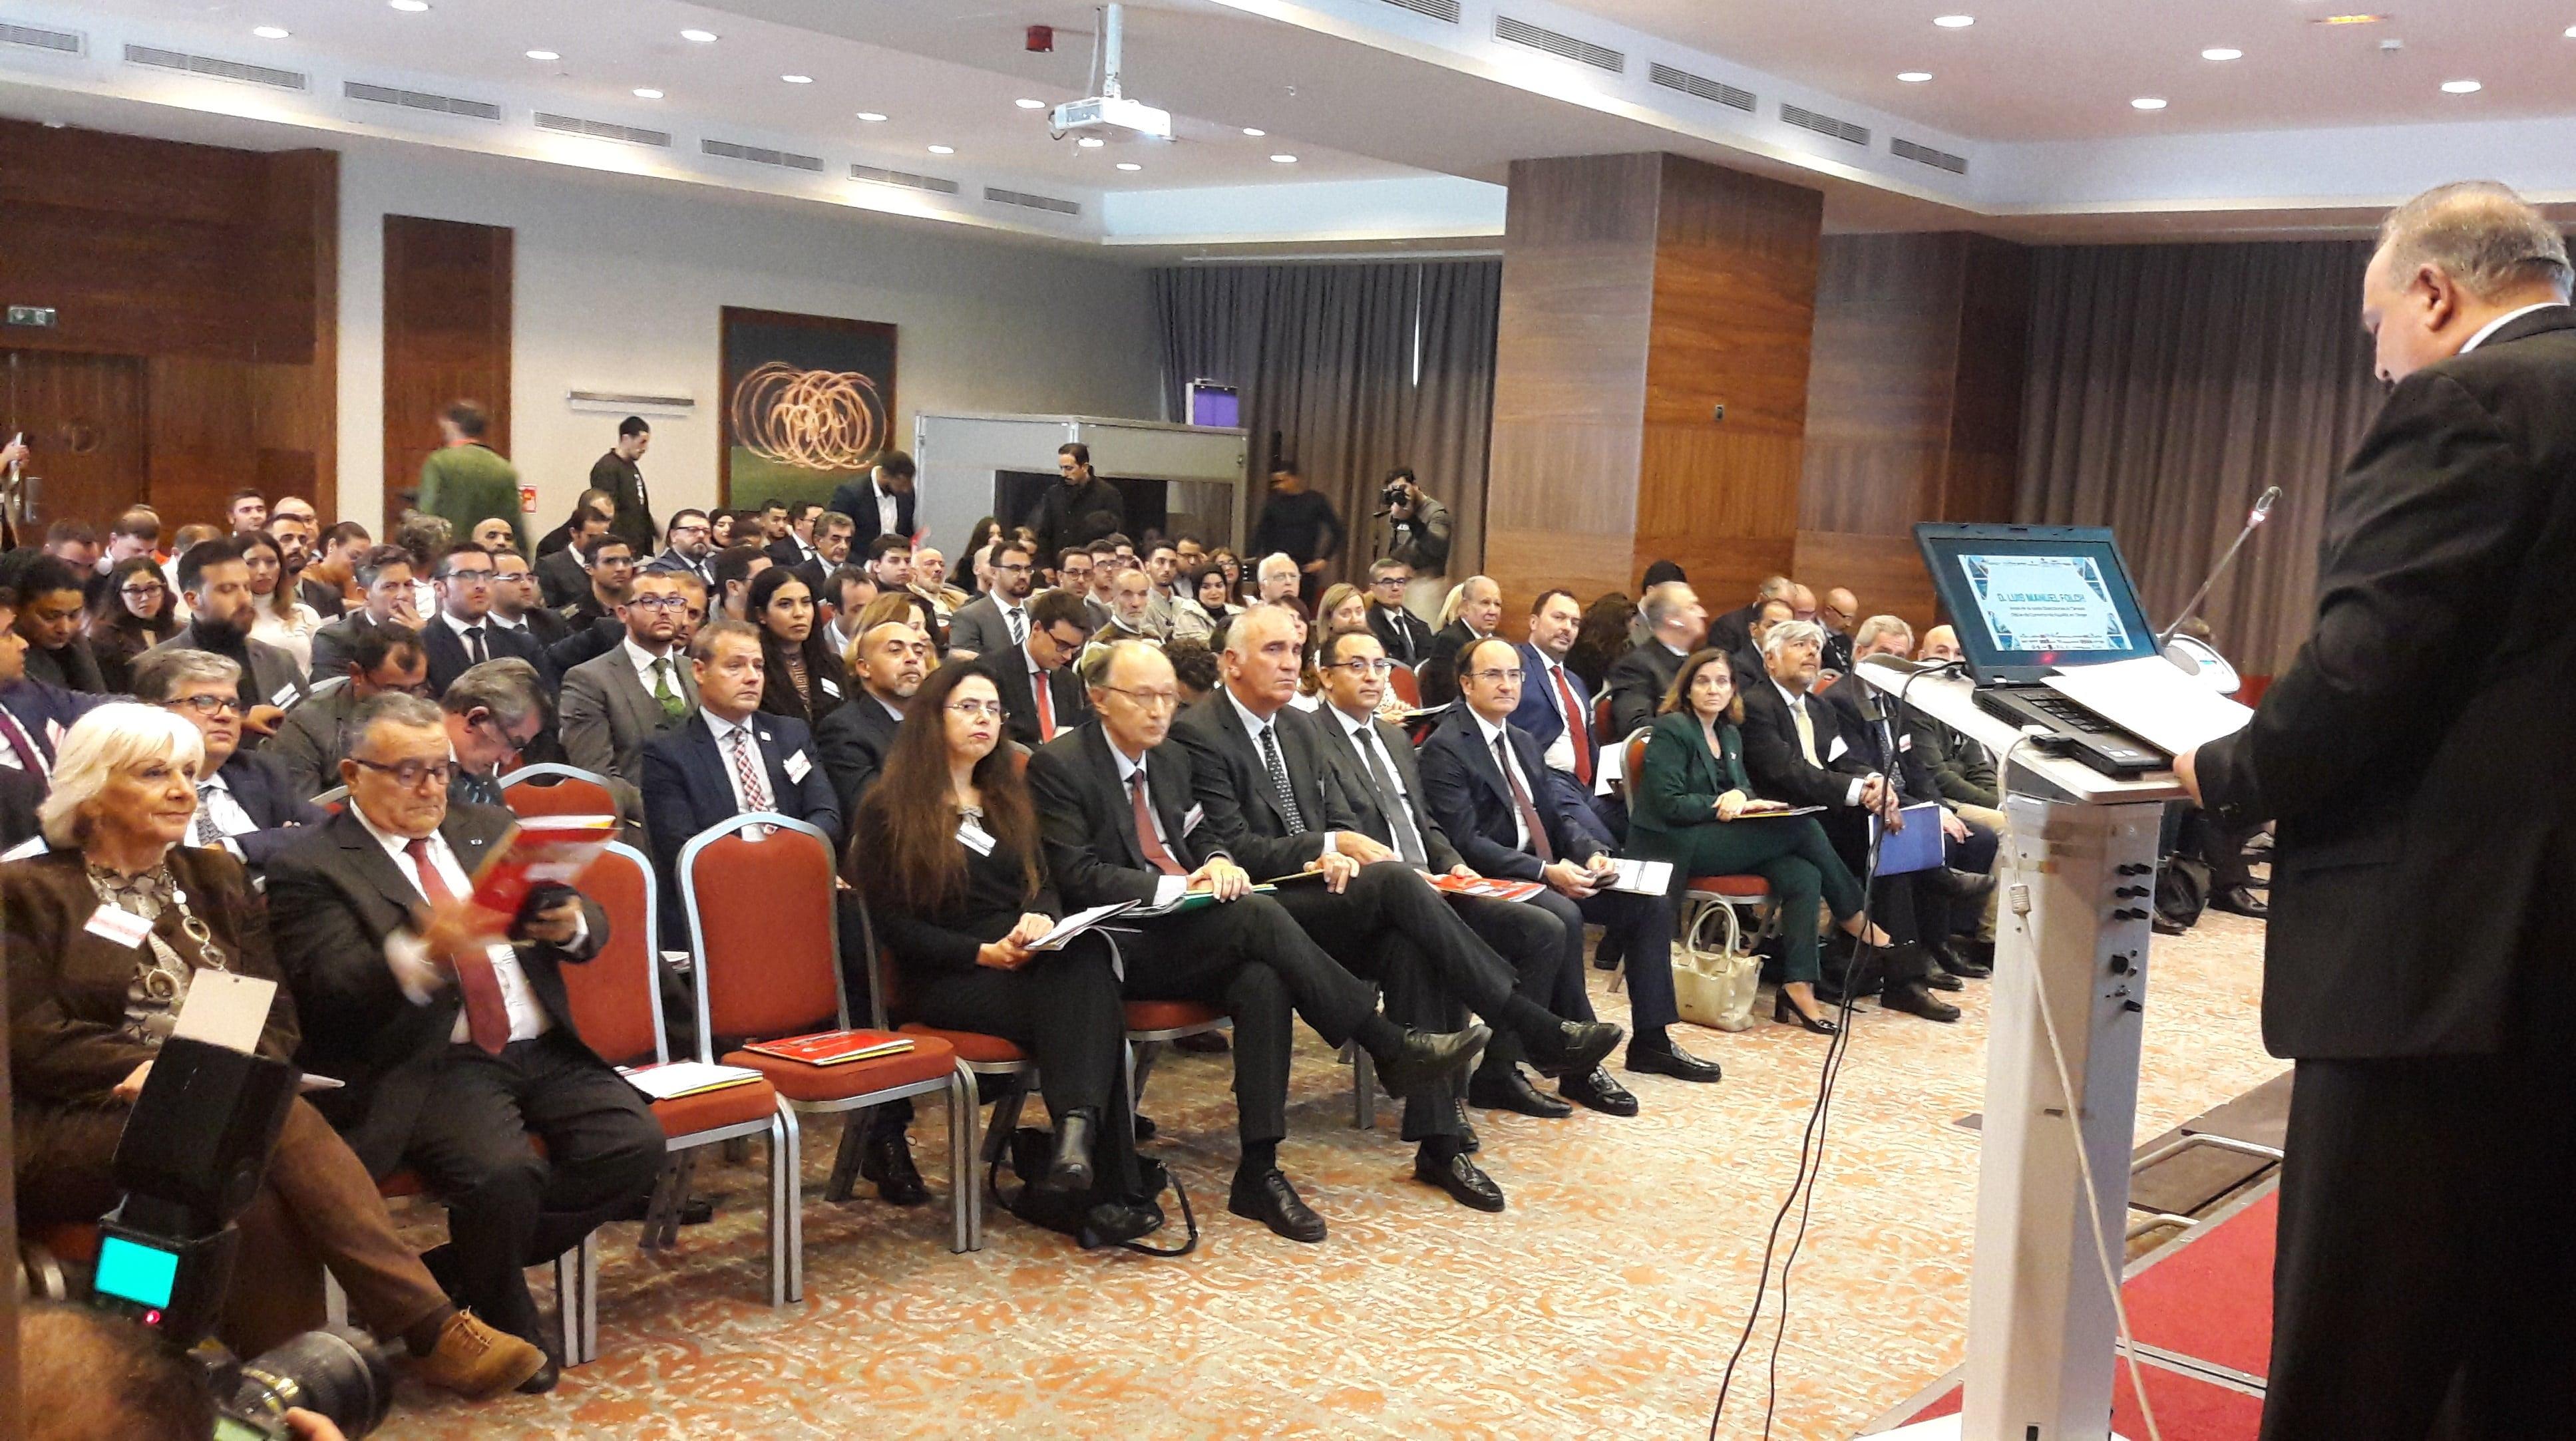 El enlace marítimo Algeciras - Tánger Med protagoniza la primera ponencia del VIII Encuentro Hispano-Marroquí